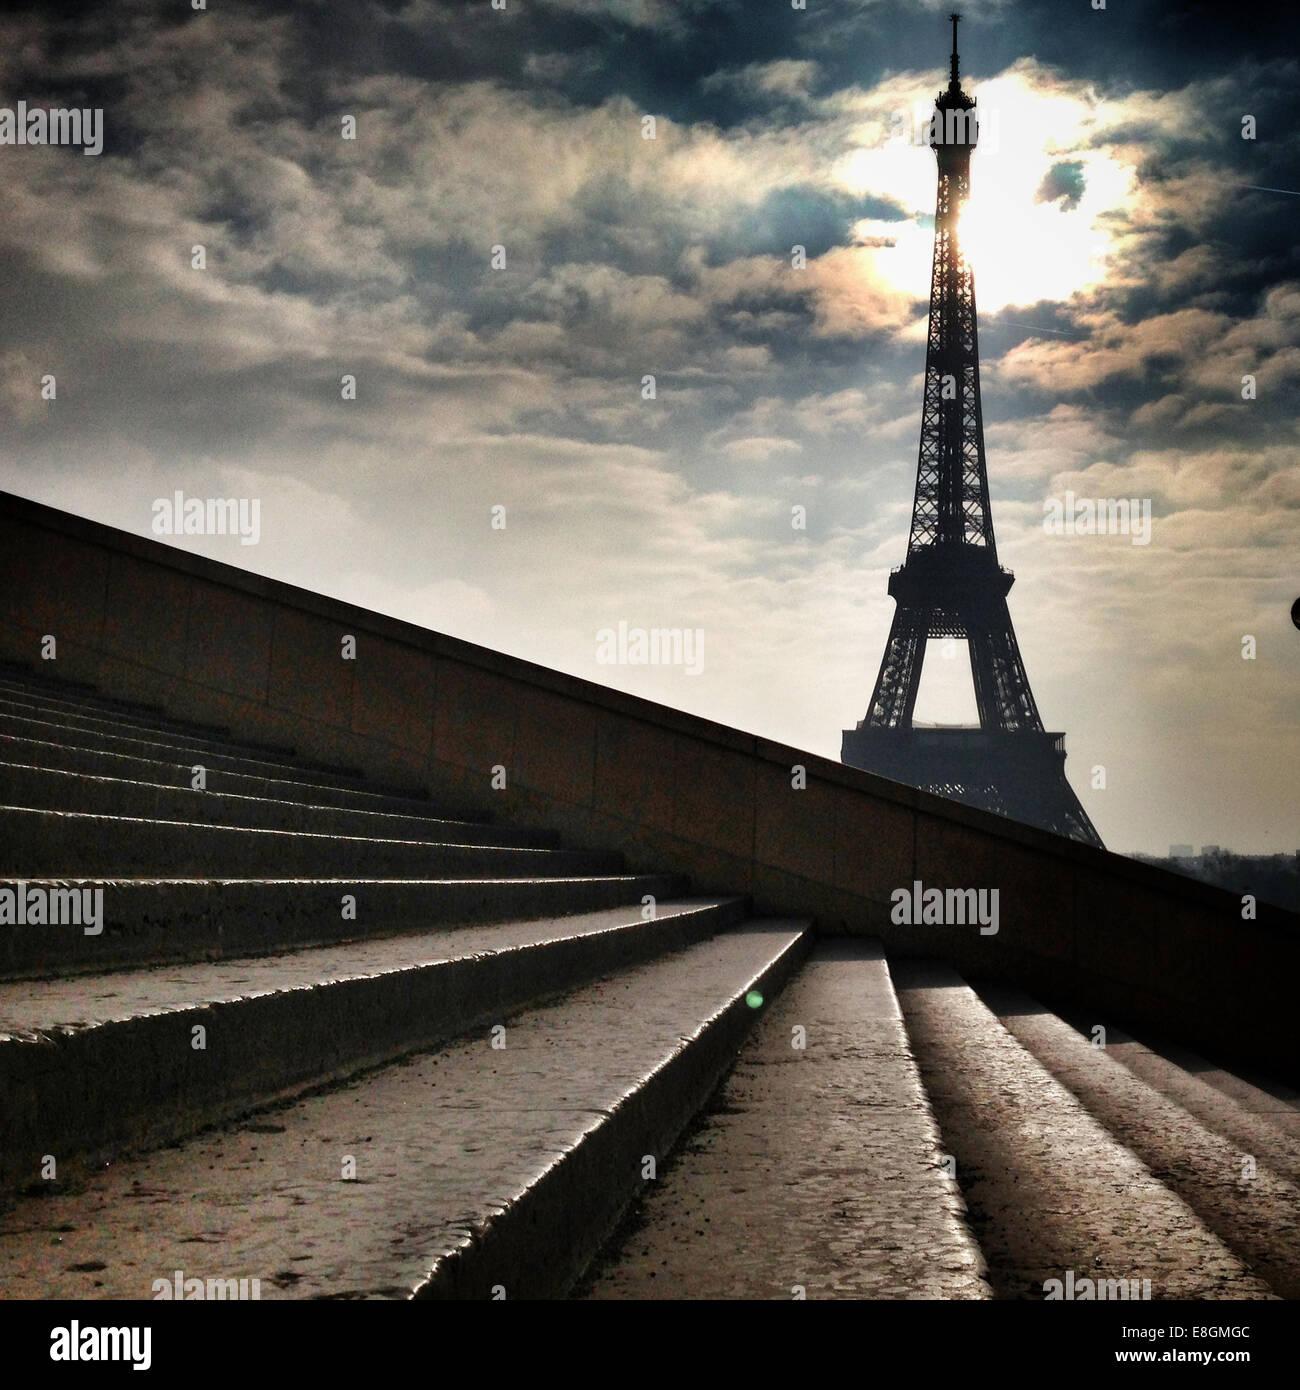 France, Paris, Tour Eiffel vu de mesures Photo Stock